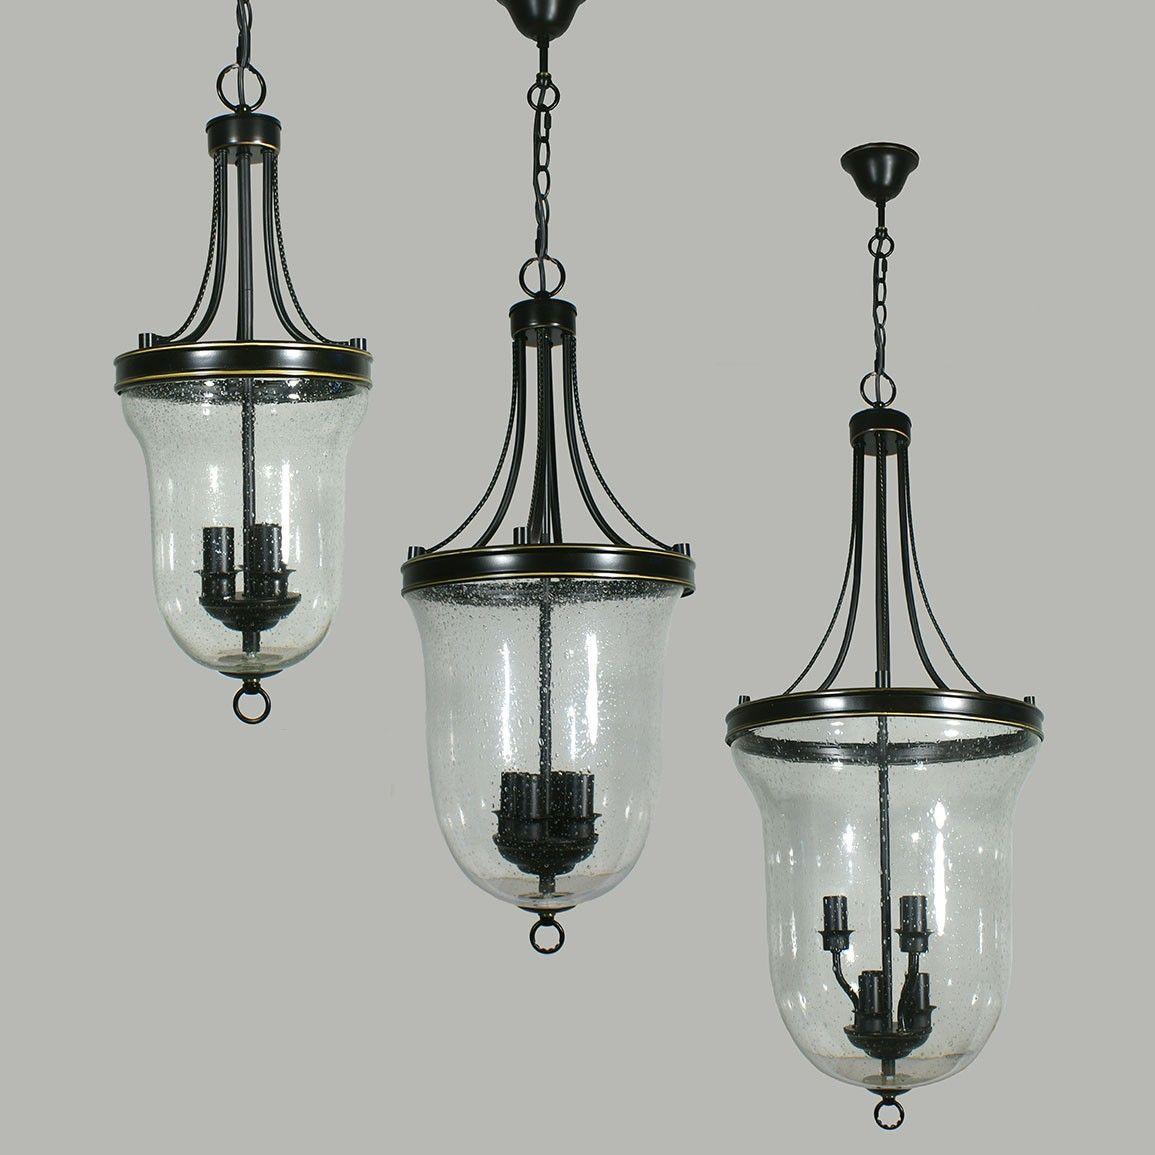 L2 1904 Float Lantern Pendant Light 3 Sizes Lighting